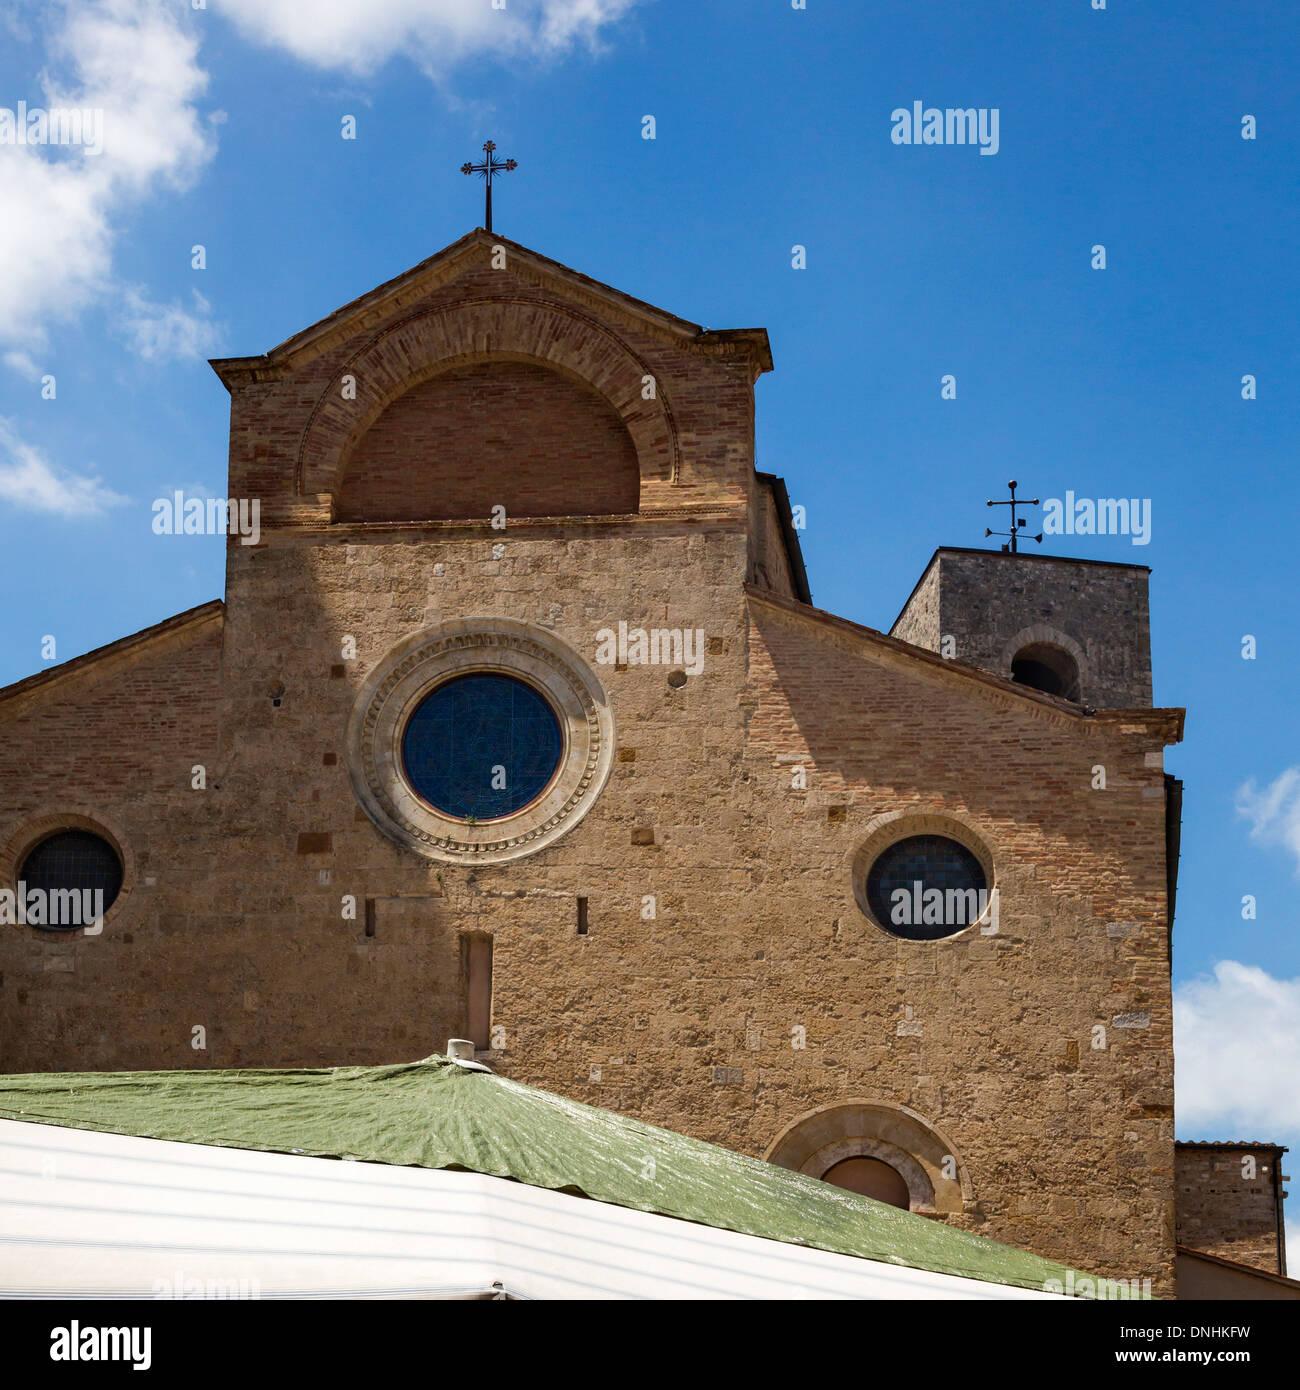 Kirche, Stiftskirche Kirche von San Gimignano, Piazza Del Duomo, San Gimignano, Siena, Provinz Siena, Toskana, Italien Stockbild